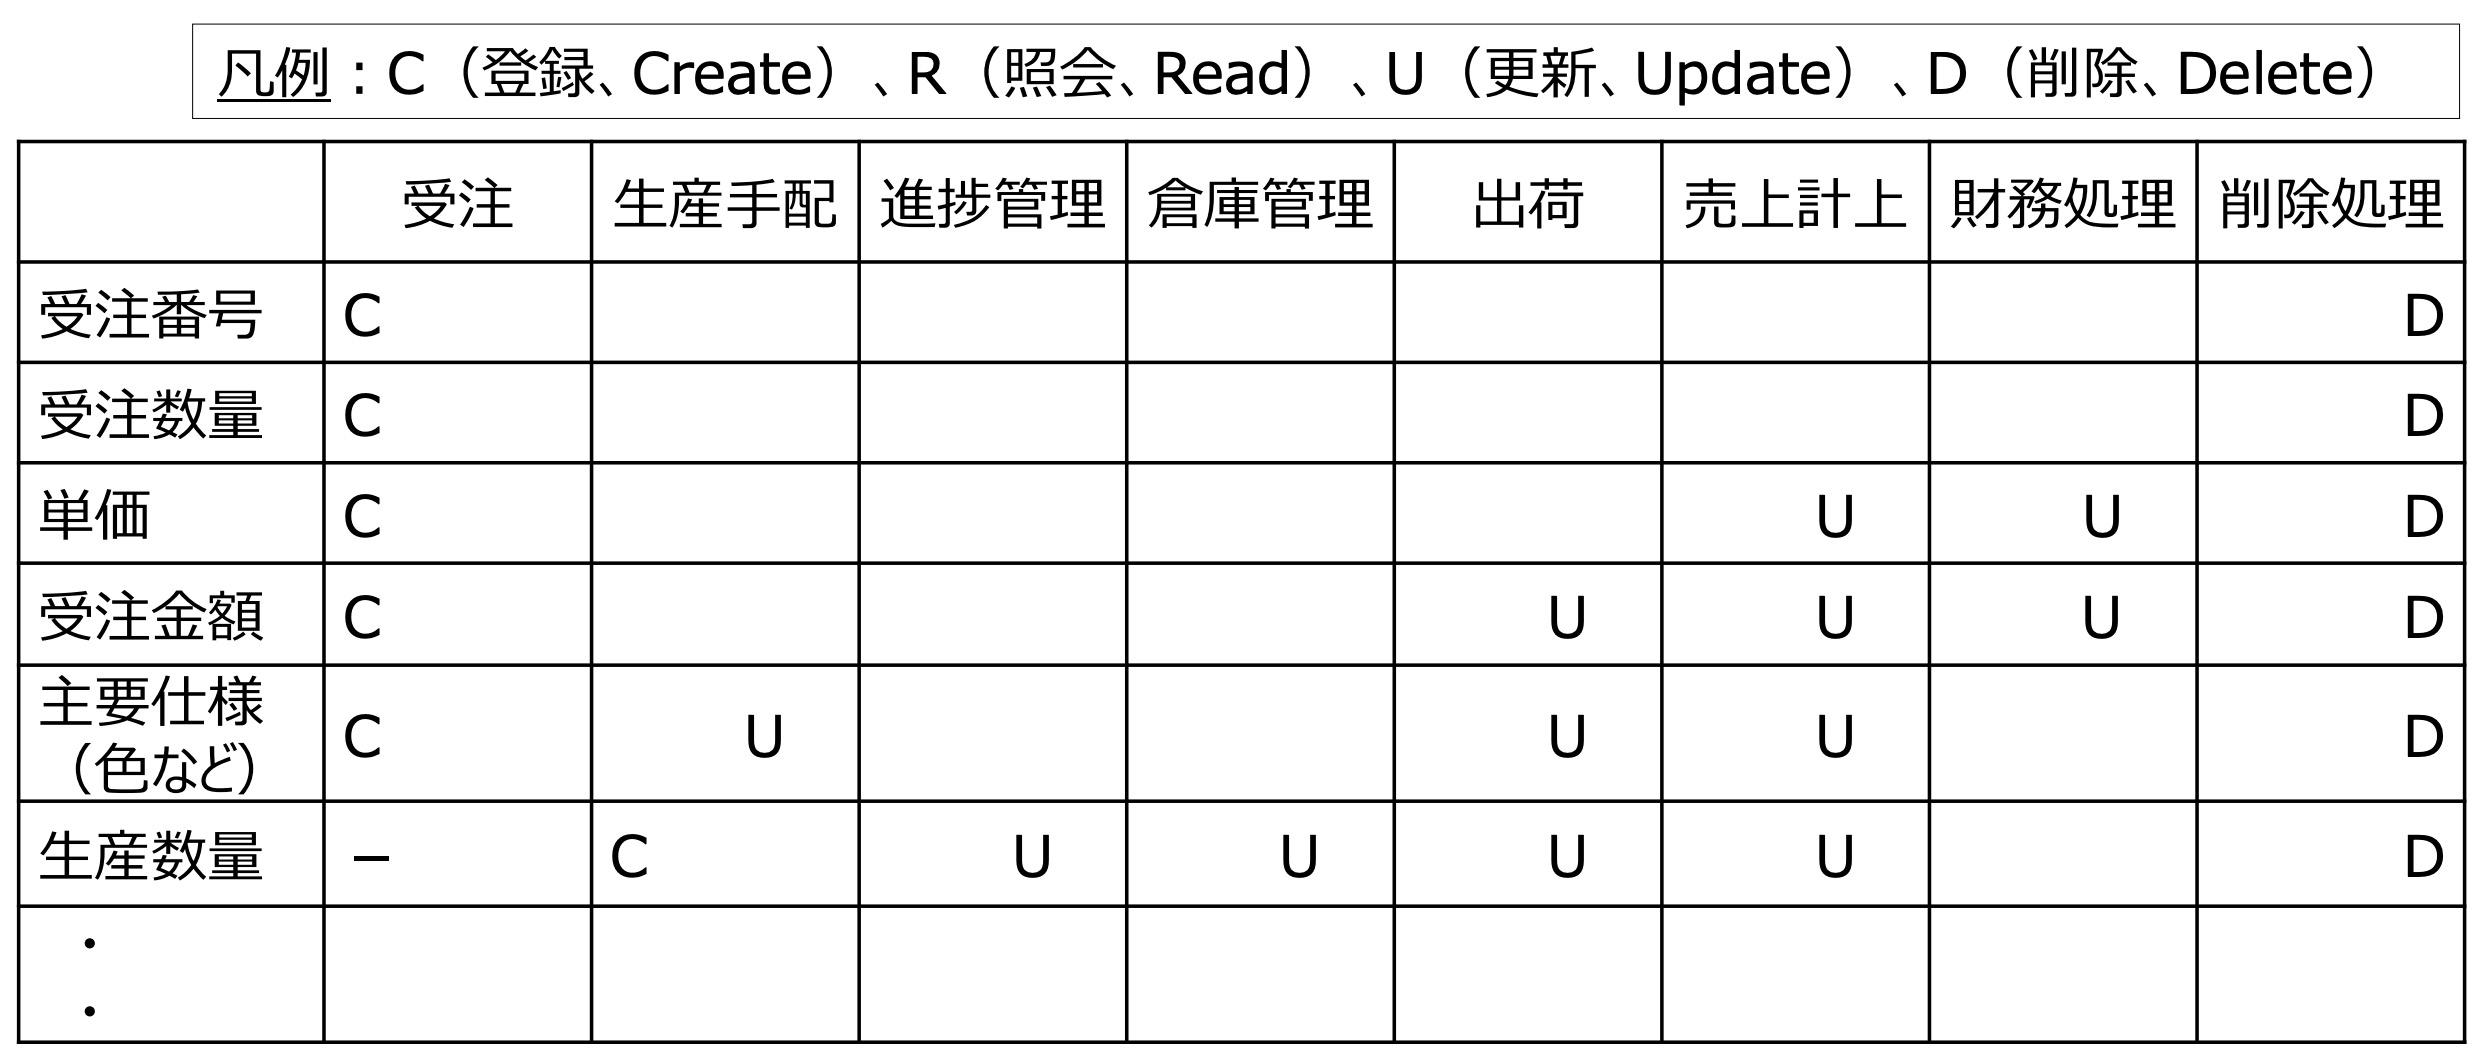 CRUD図_項目(サンプル)